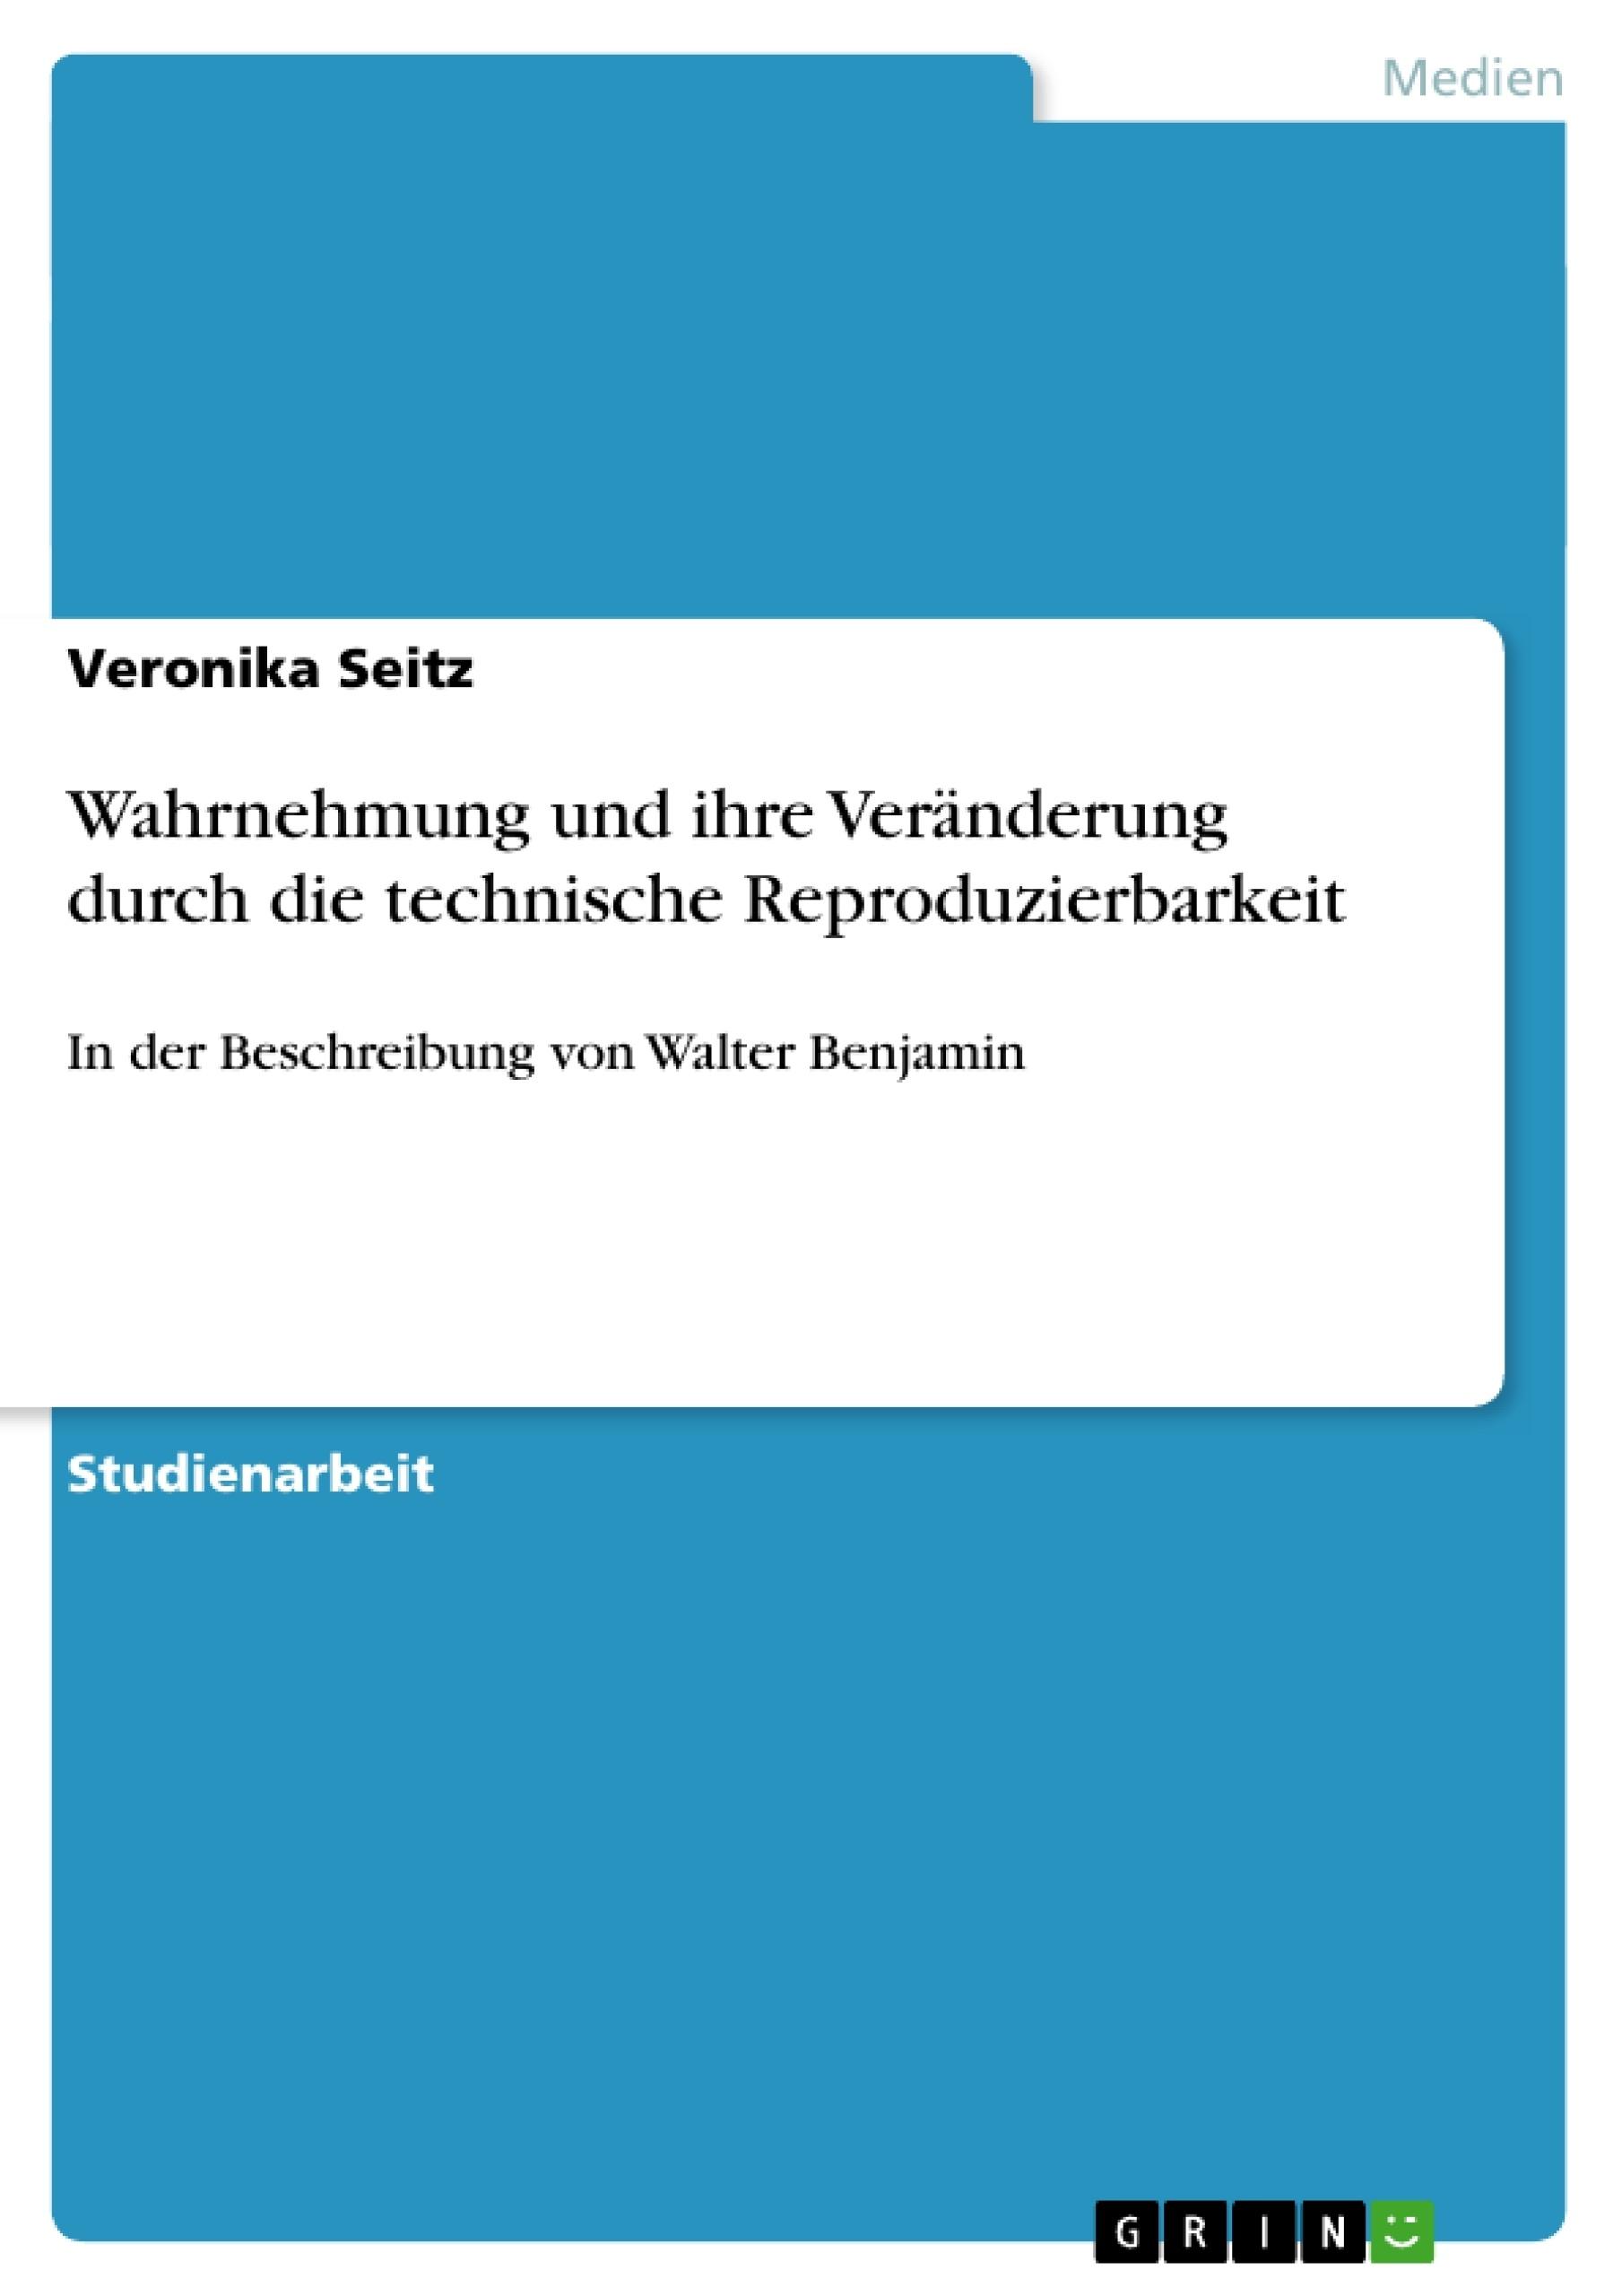 Titel: Wahrnehmung und ihre Veränderung durch die technische Reproduzierbarkeit